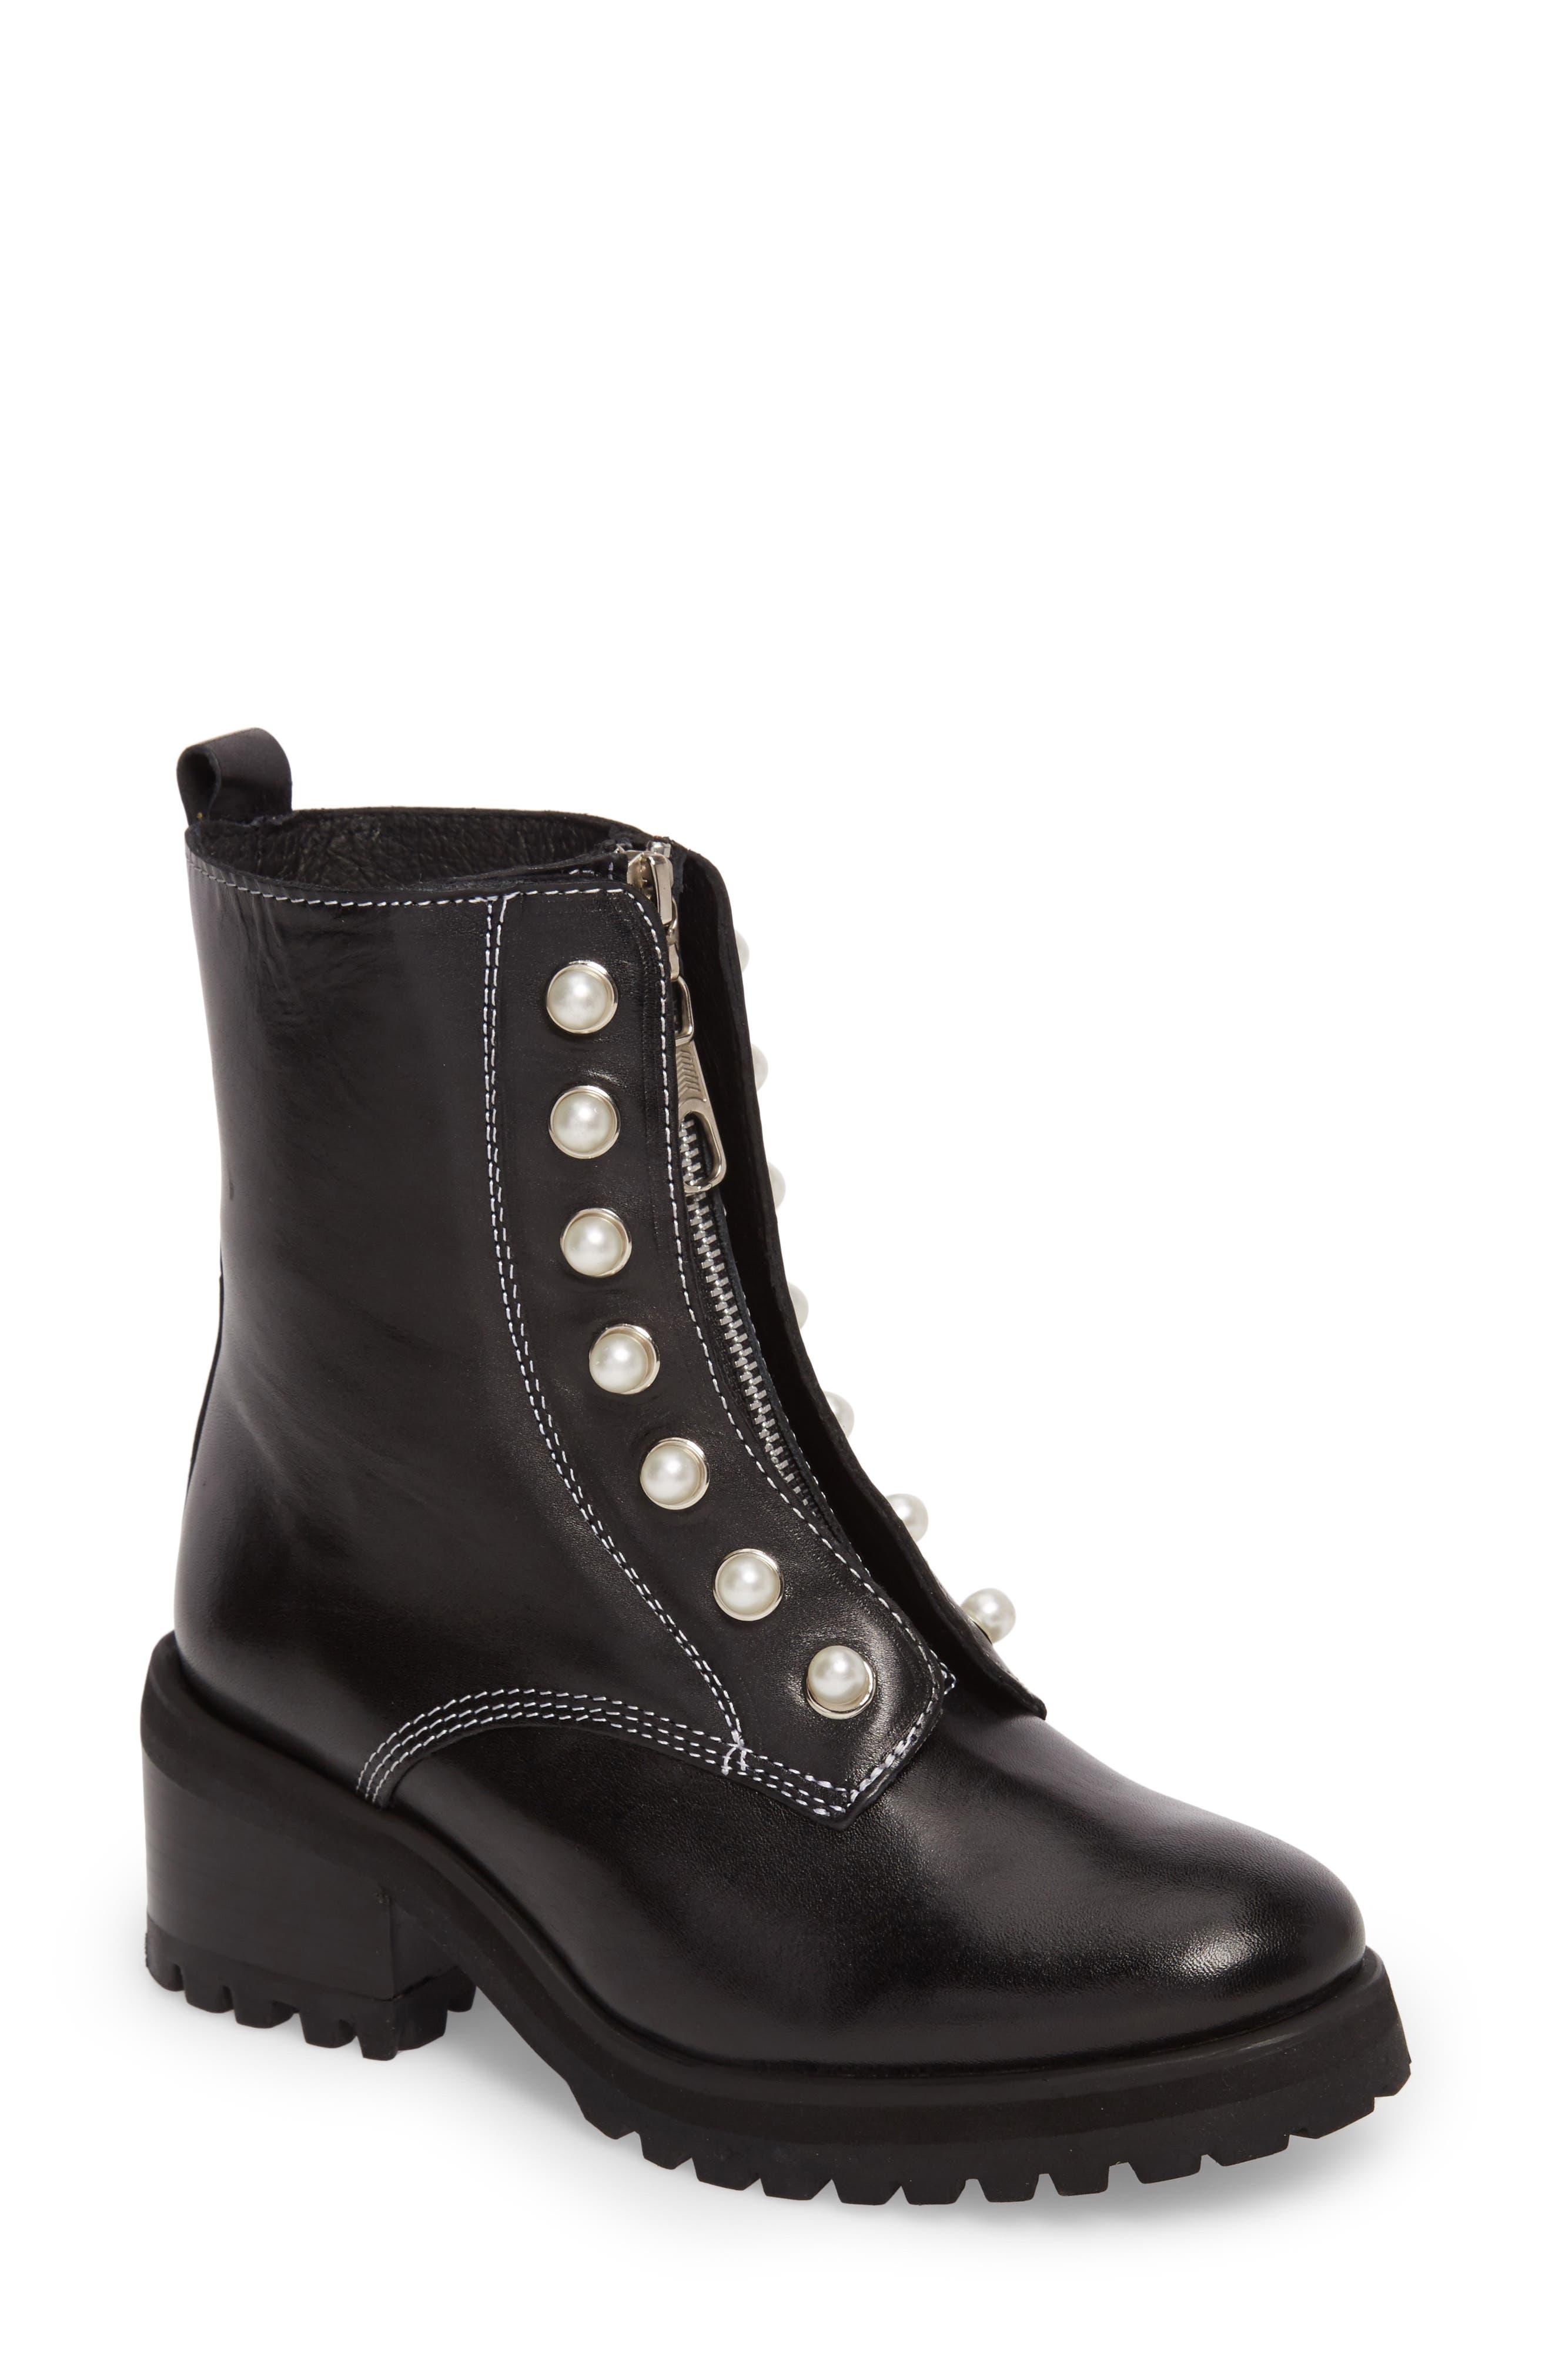 STEVE MADDEN Granite Embellished Zip Boot, Main, color, 001